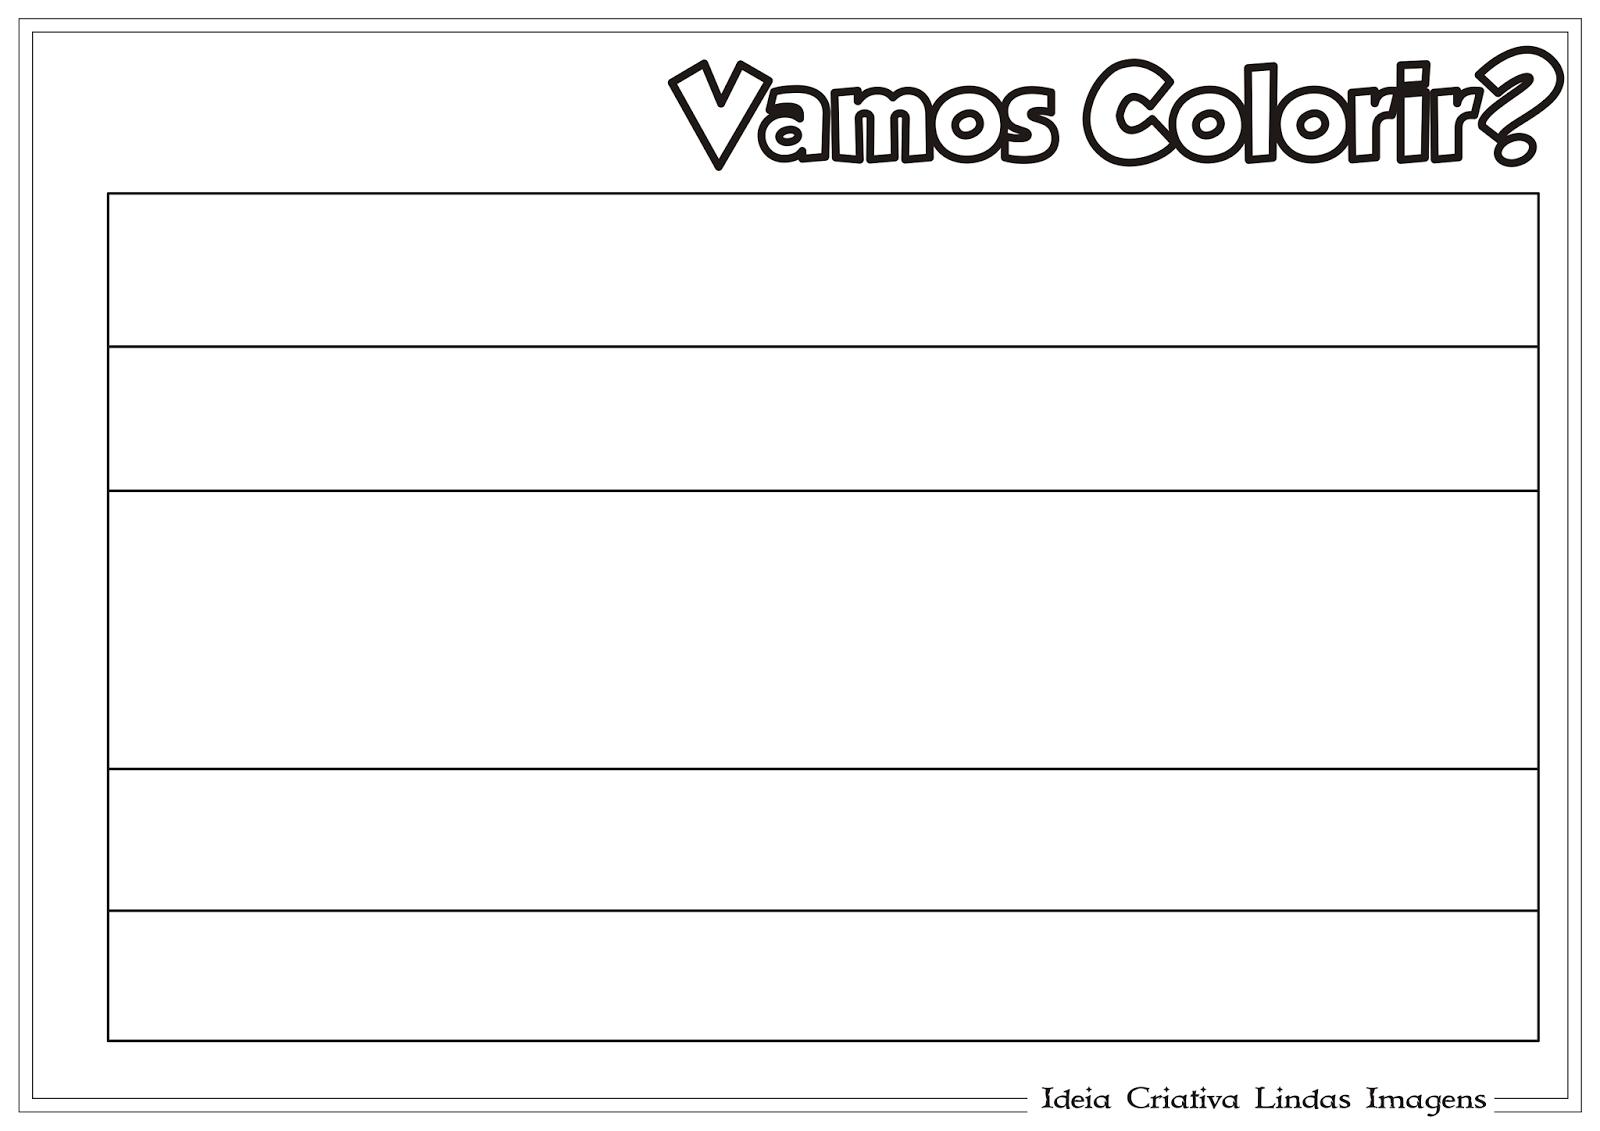 Copa do Mundo 2014 - Grupo D: Bandeira da Costa Rica para colorir